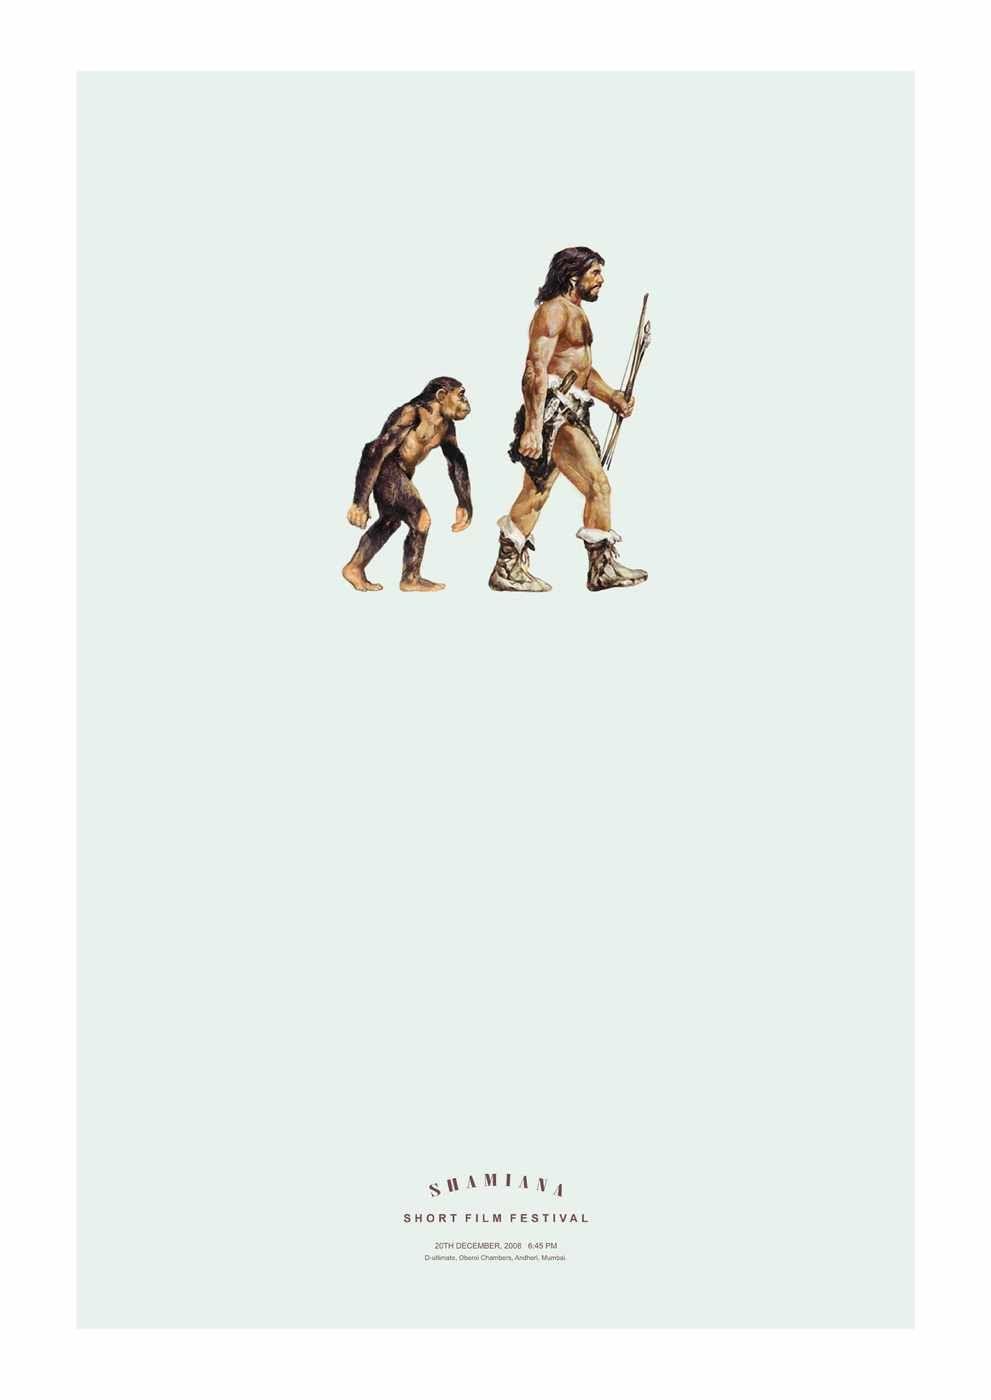 pub evolution Shamiana Short Film Festival